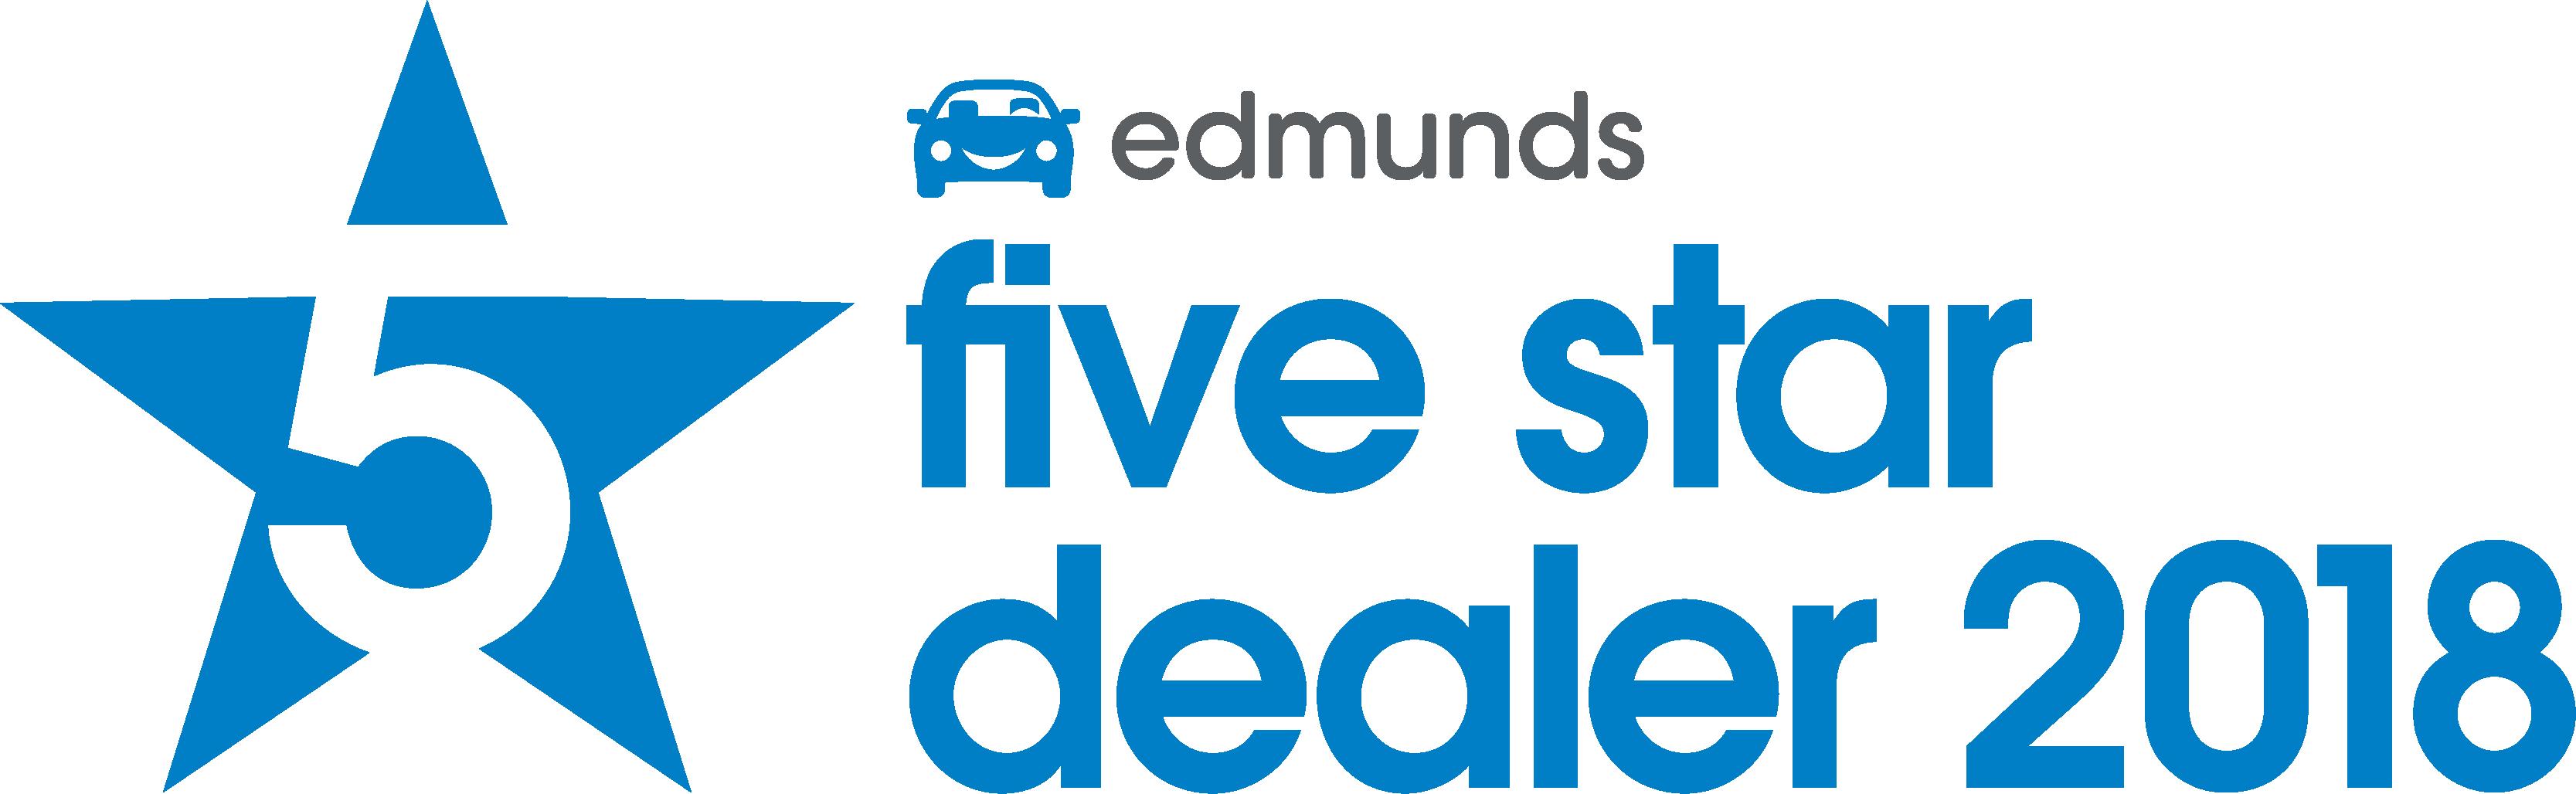 Edmunds 5 Star Dealer.